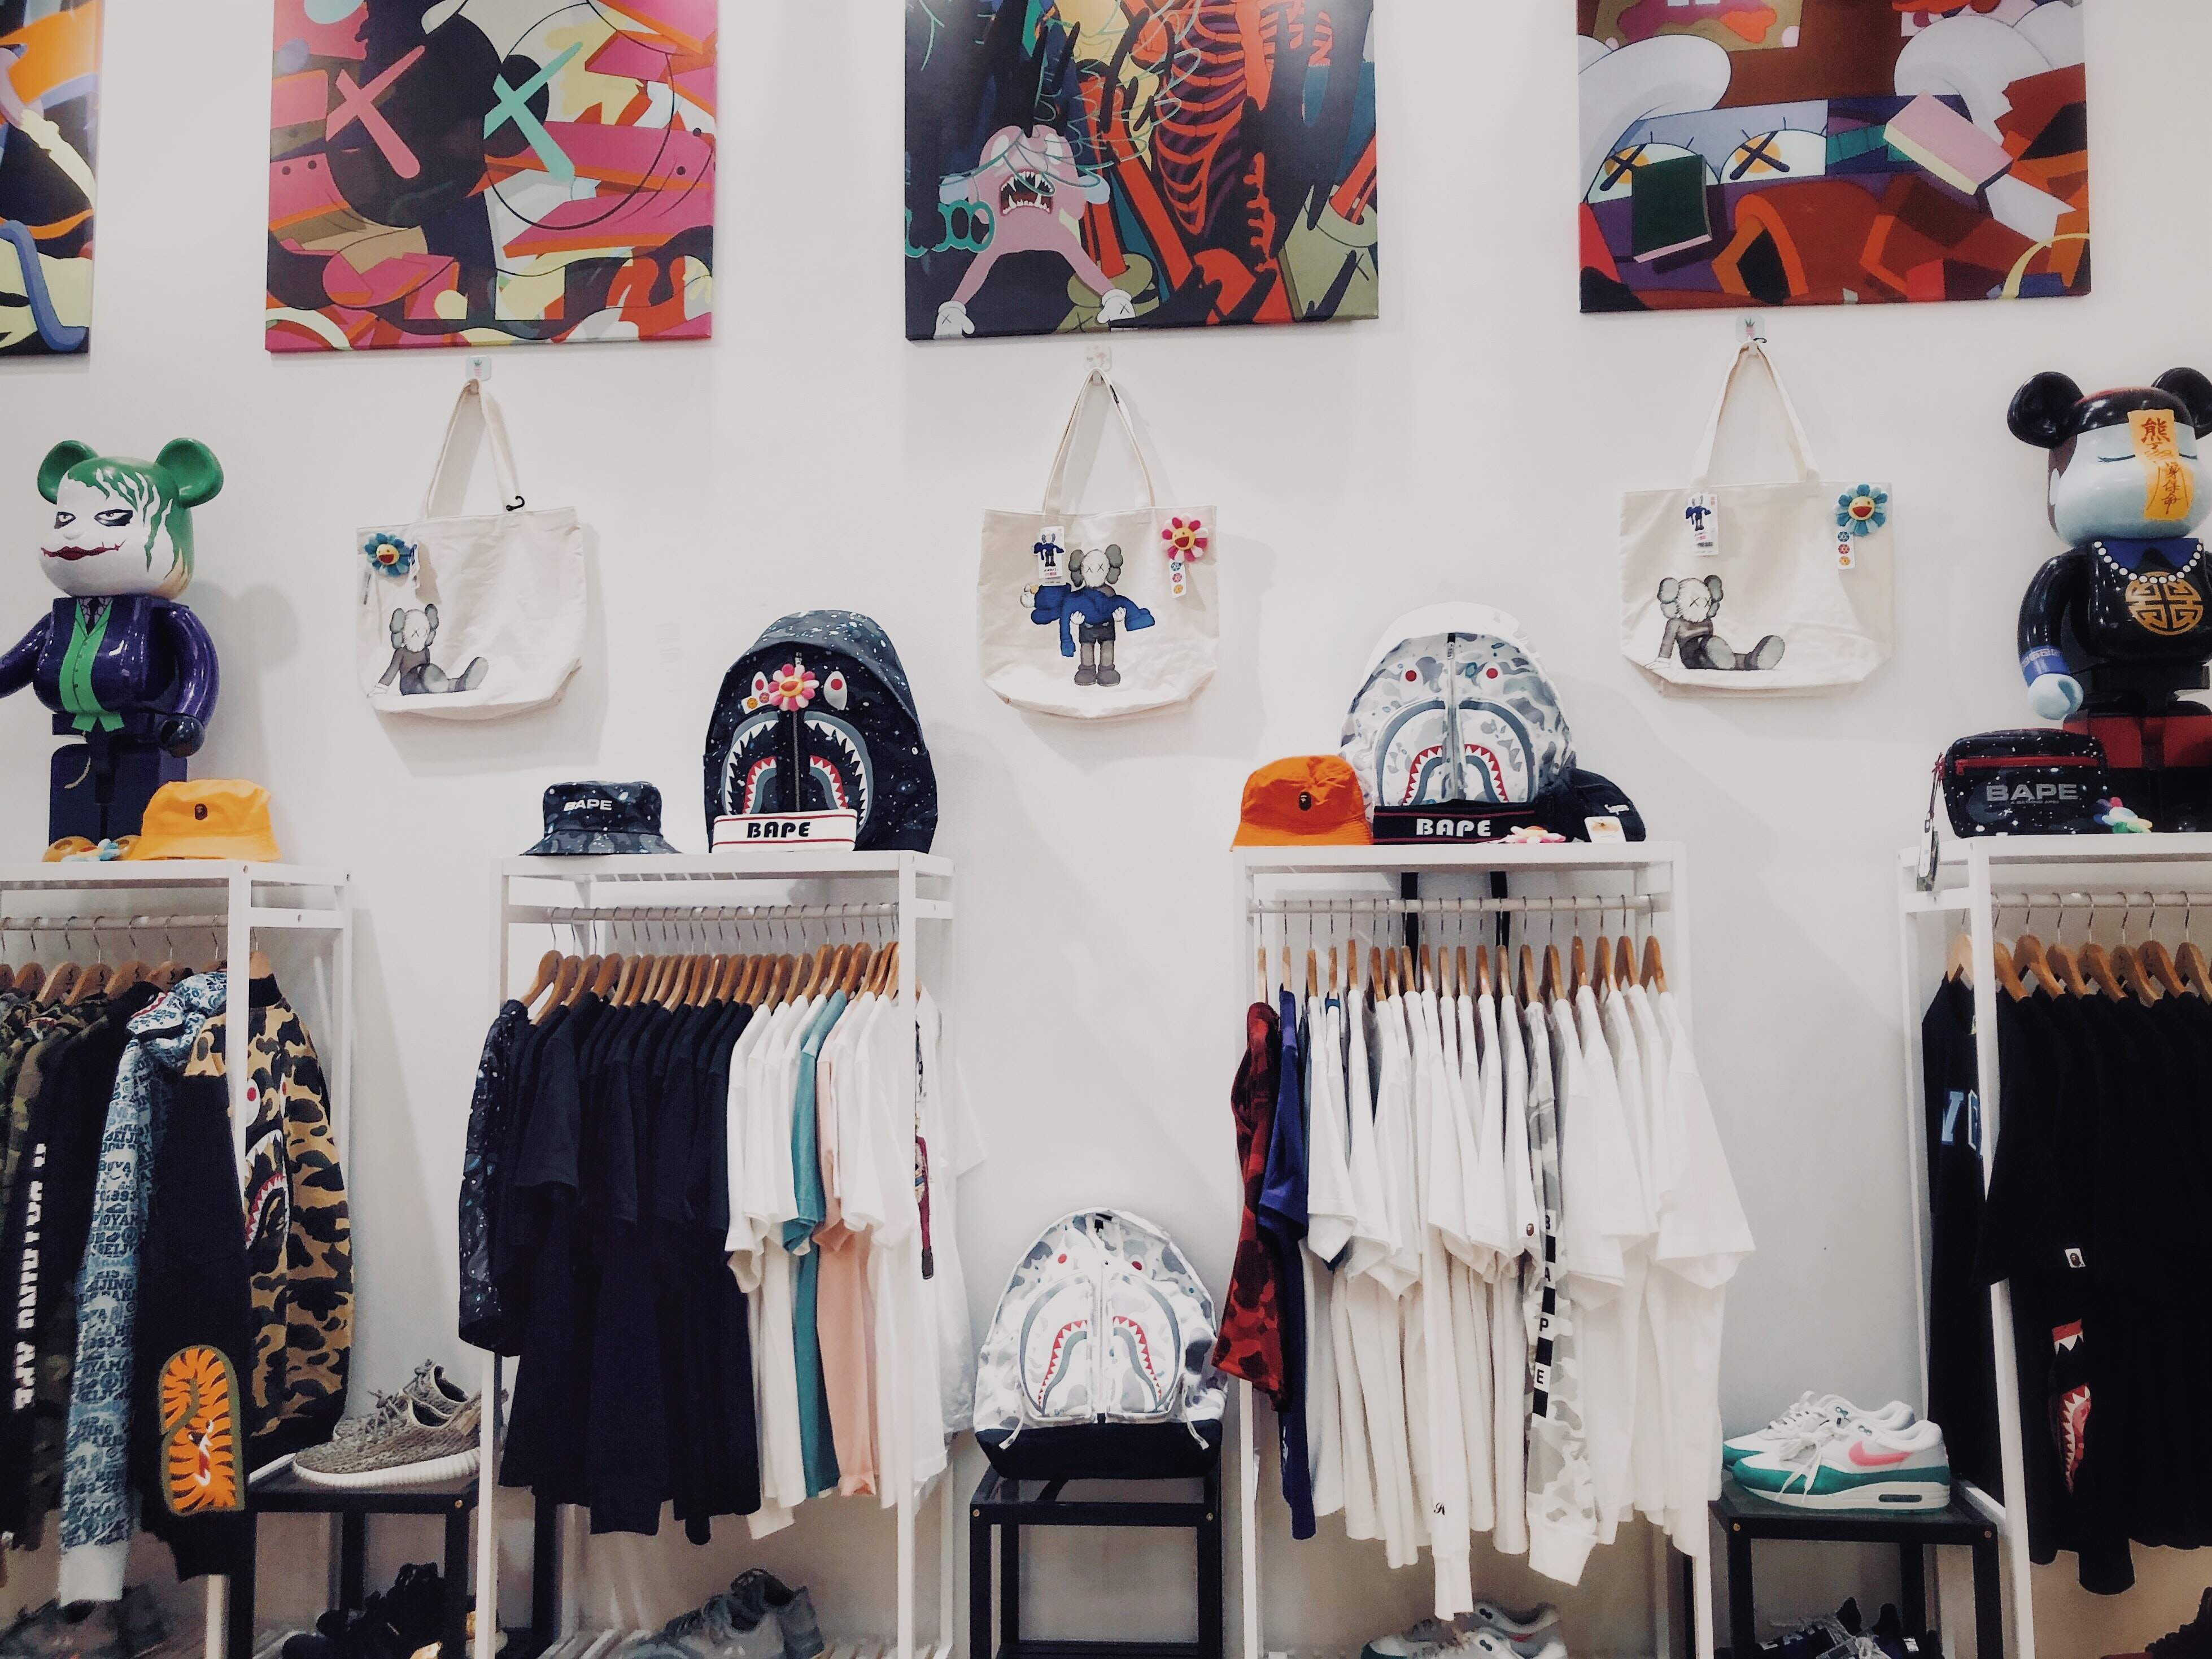 Найпопулярнішою покупкою серед підлітків буде одяг